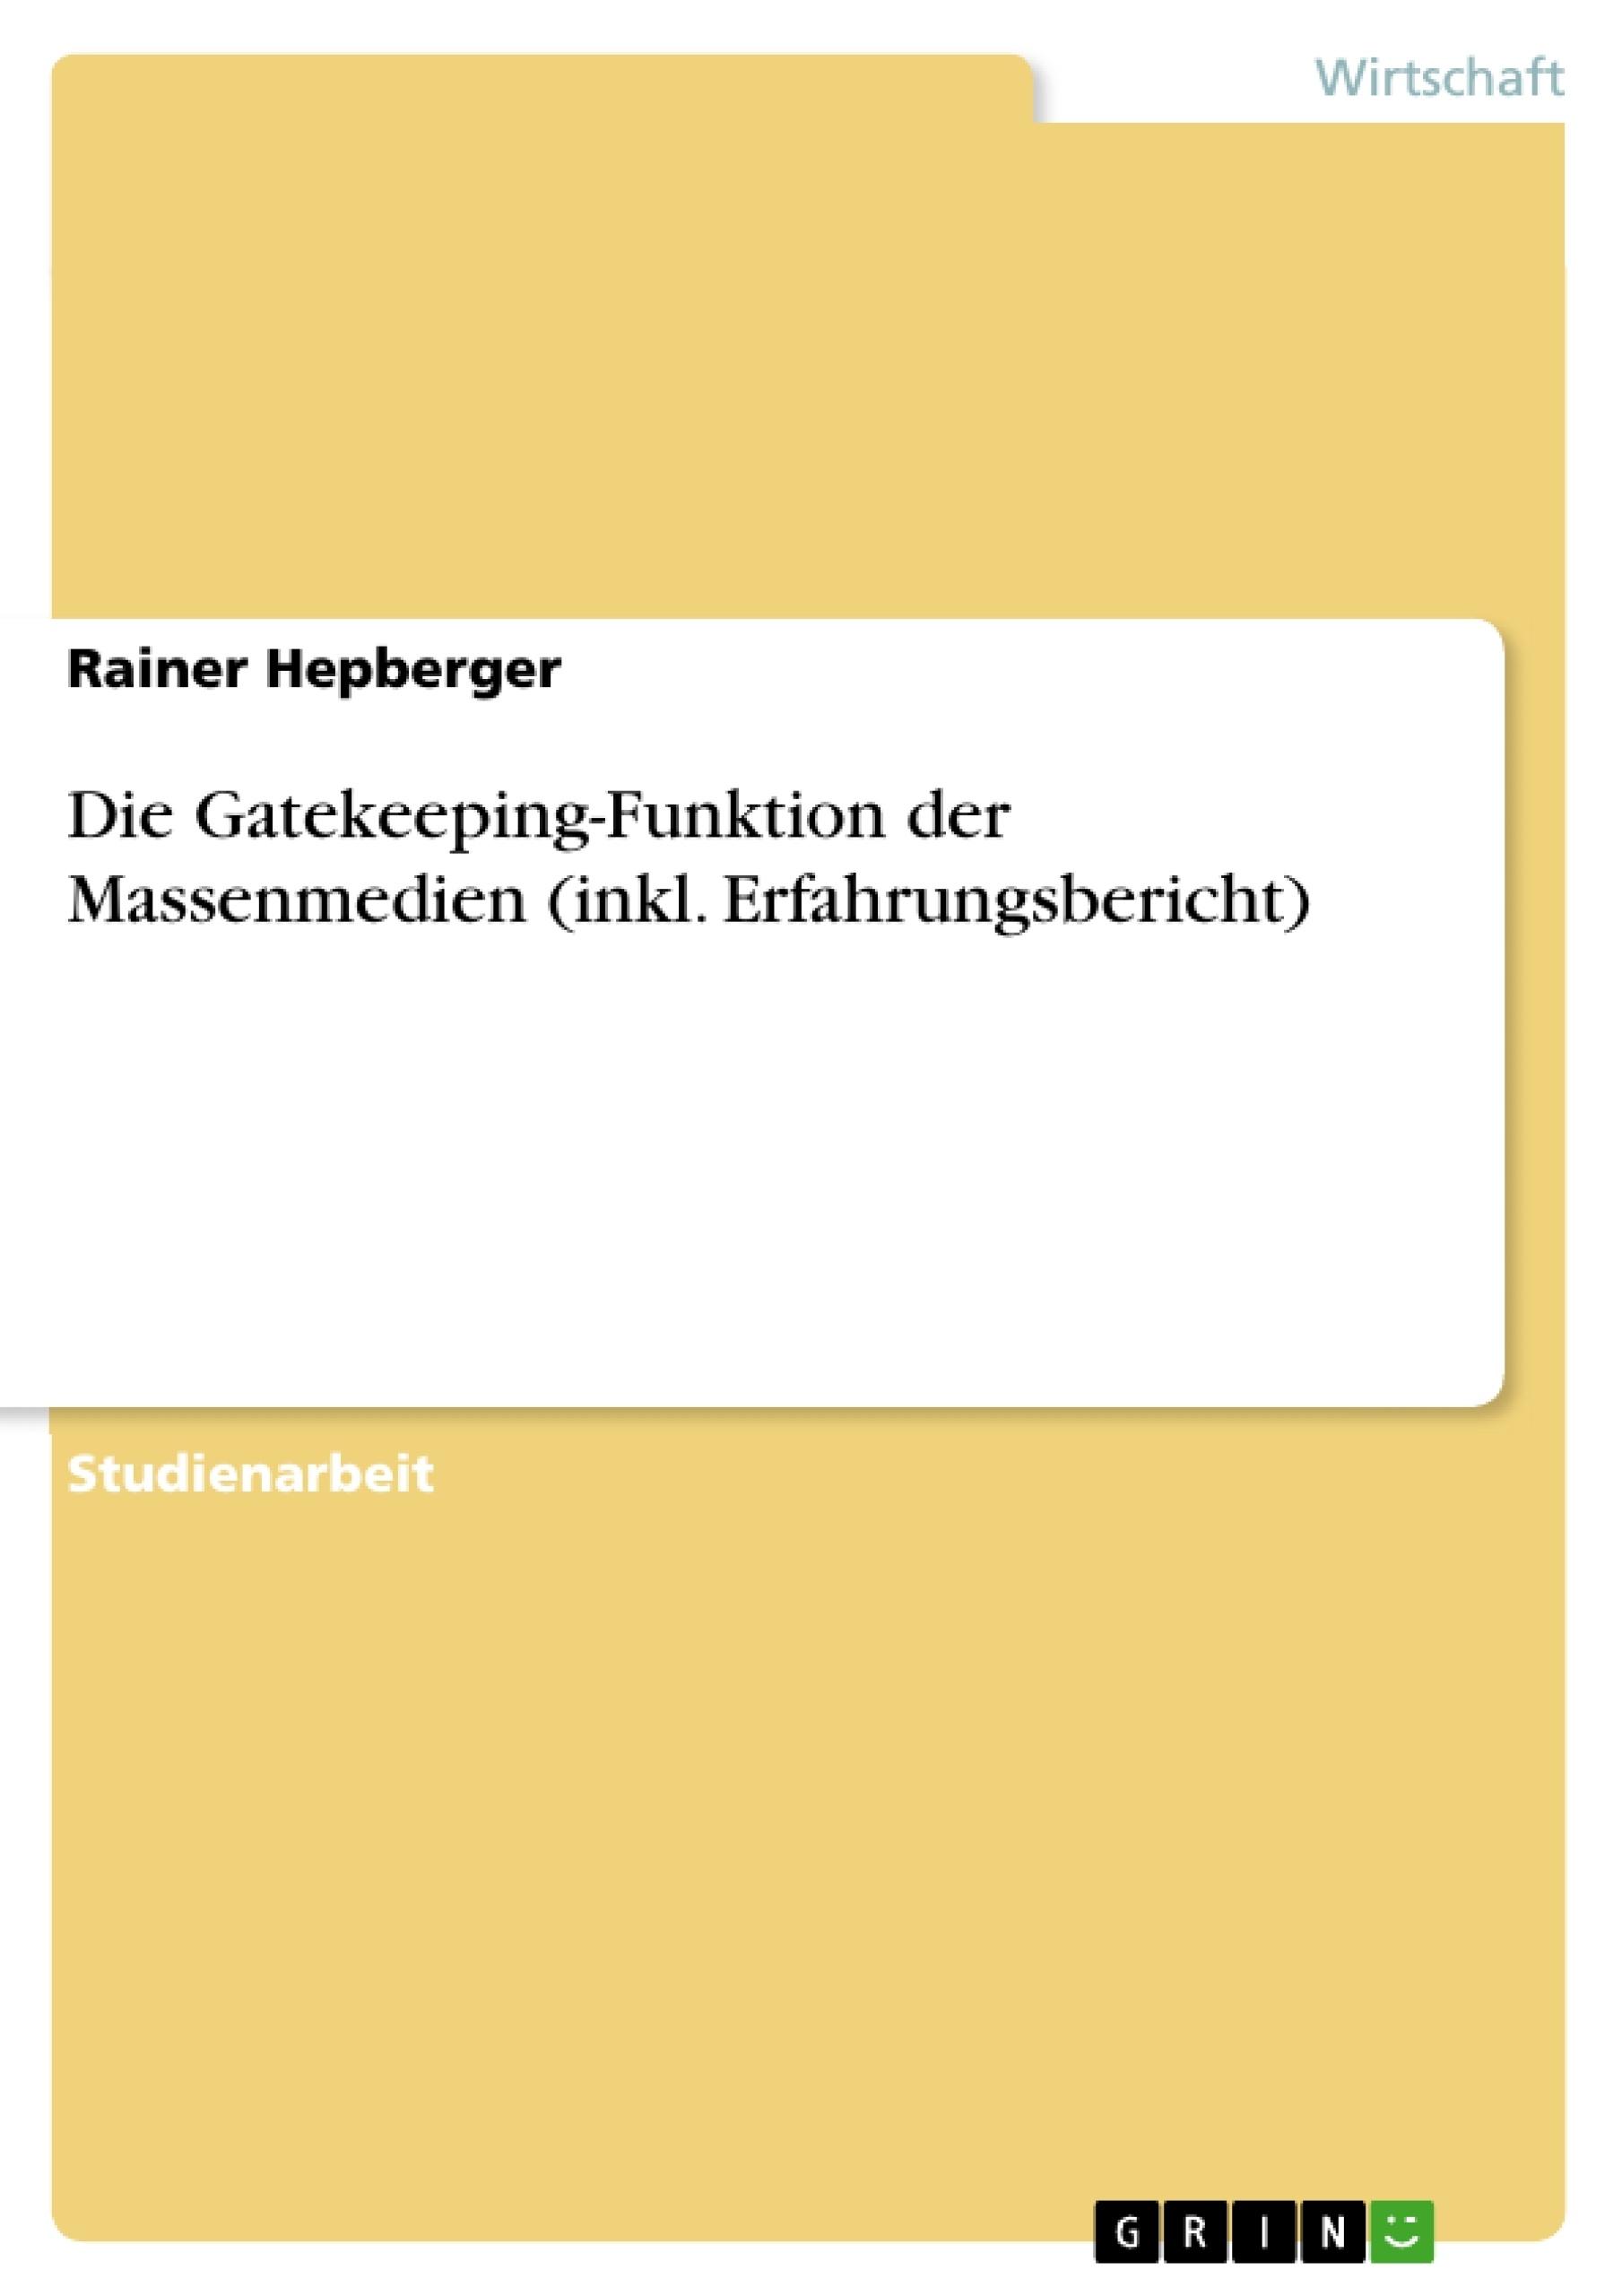 Titel: Die Gatekeeping-Funktion der Massenmedien (inkl. Erfahrungsbericht)